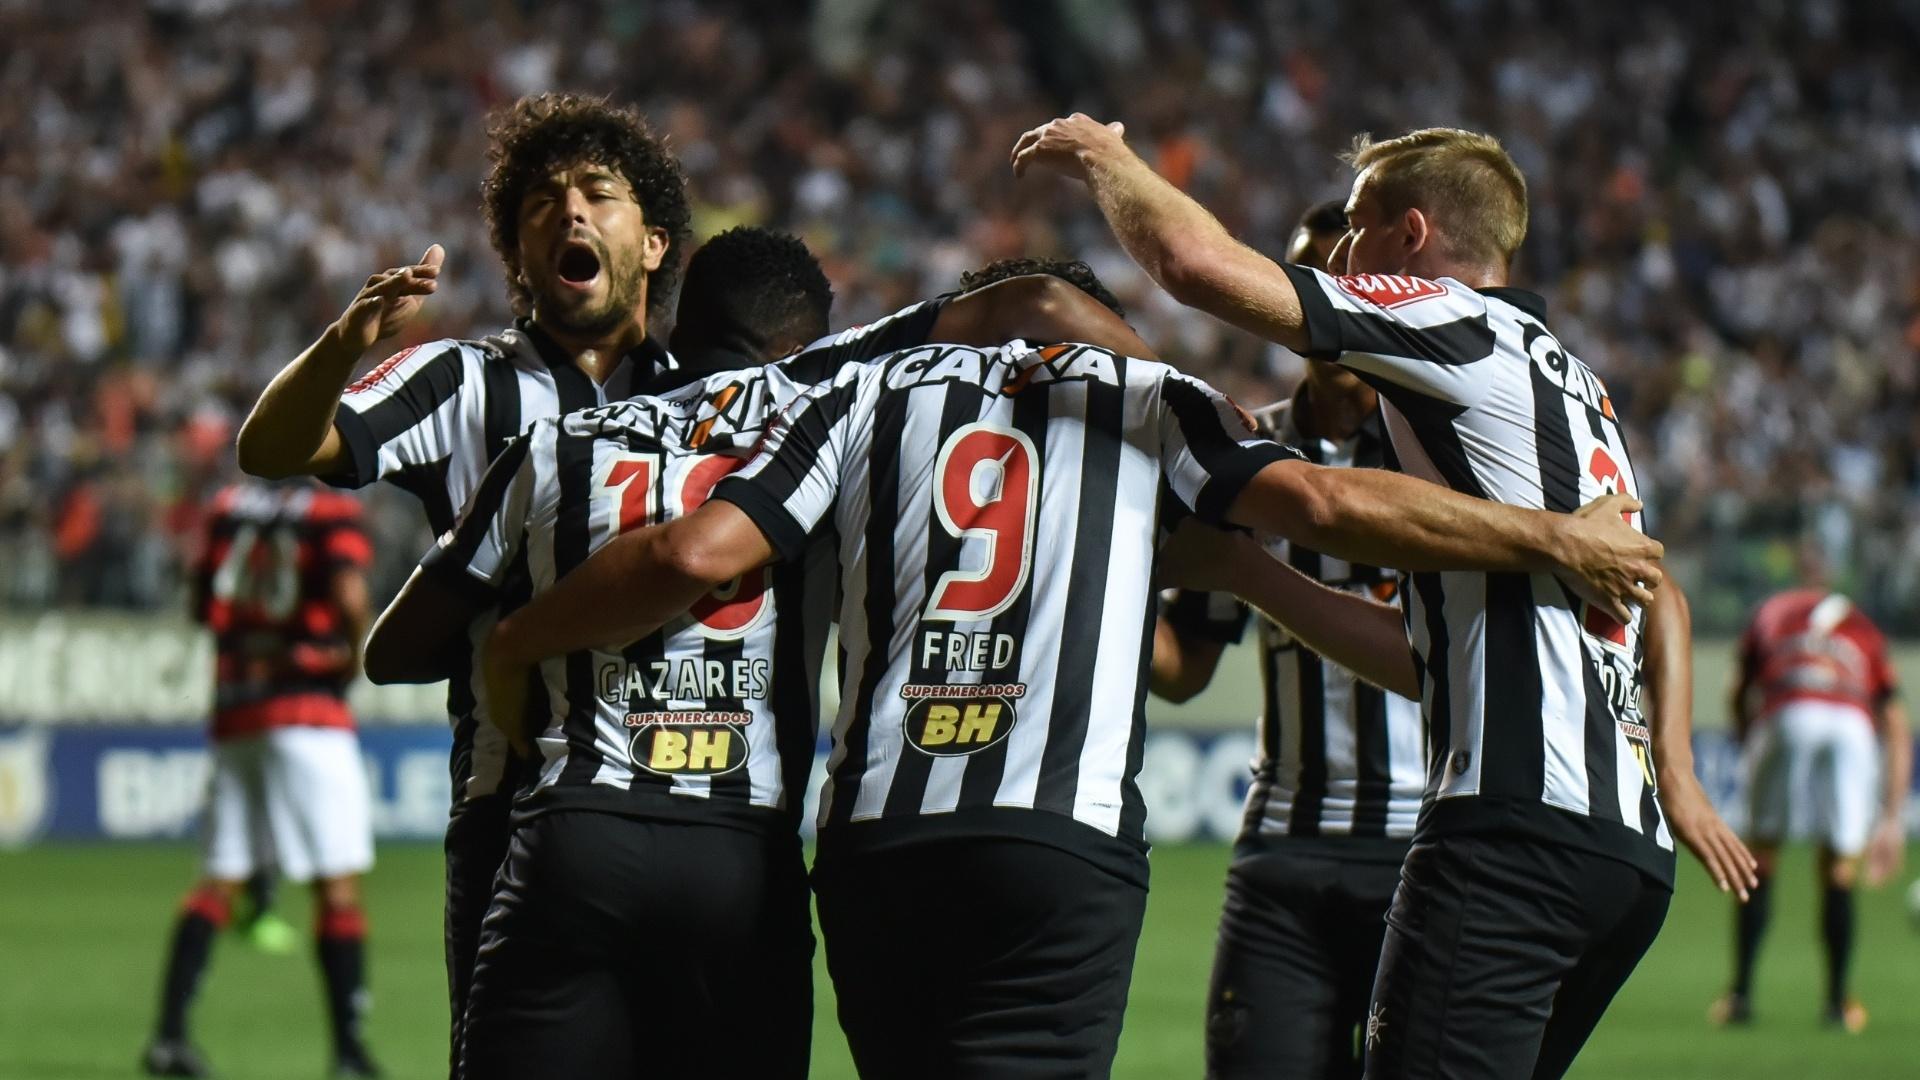 Cazares recebe os abraços dos companheiros após marcar pelo Atlético-MG contra o Vitória